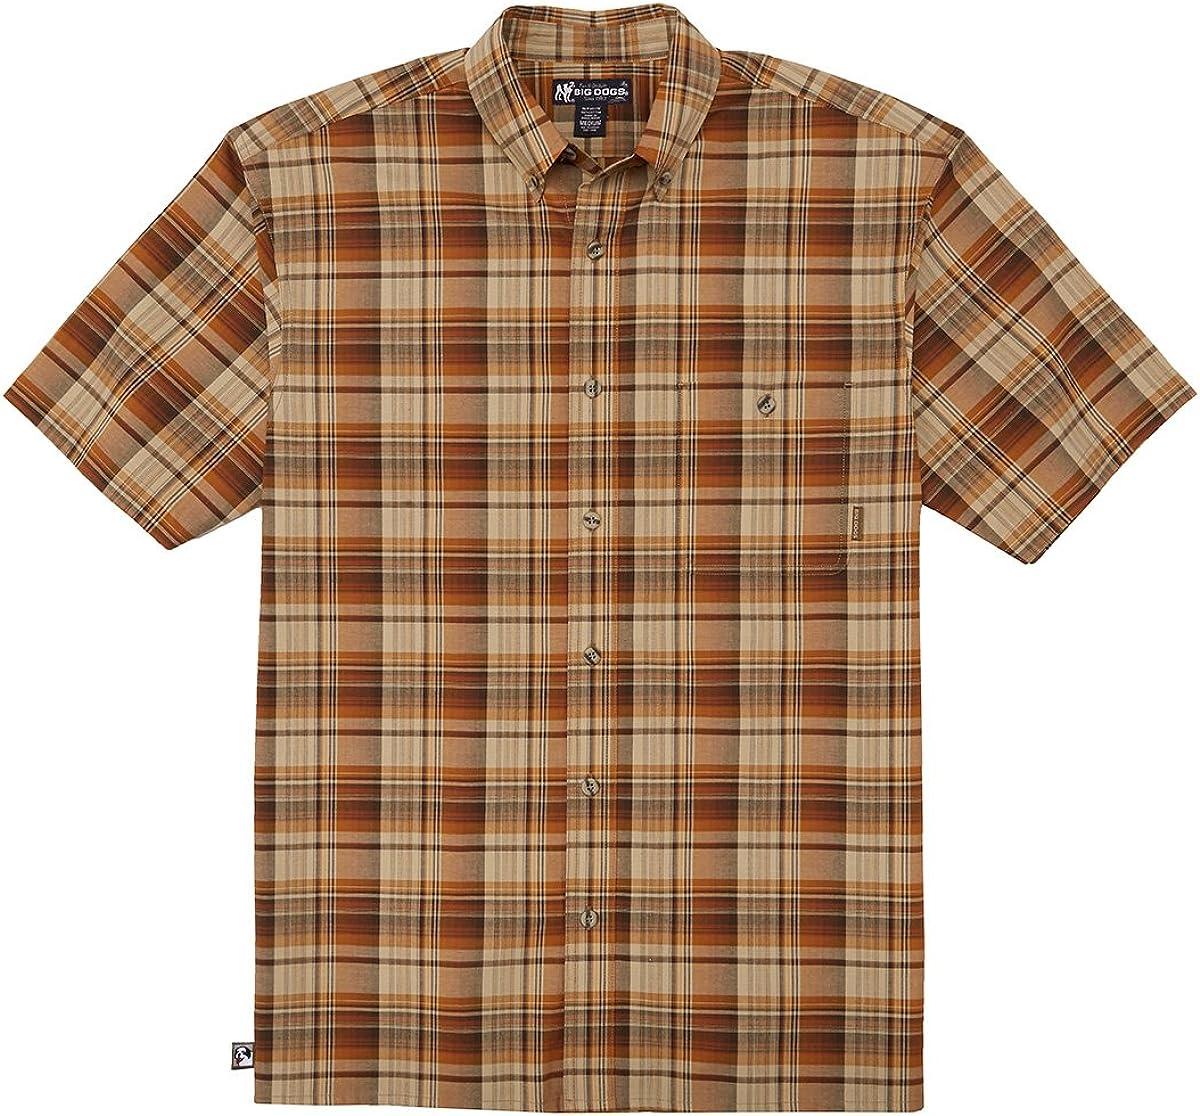 Big Dogs Madras Shirt